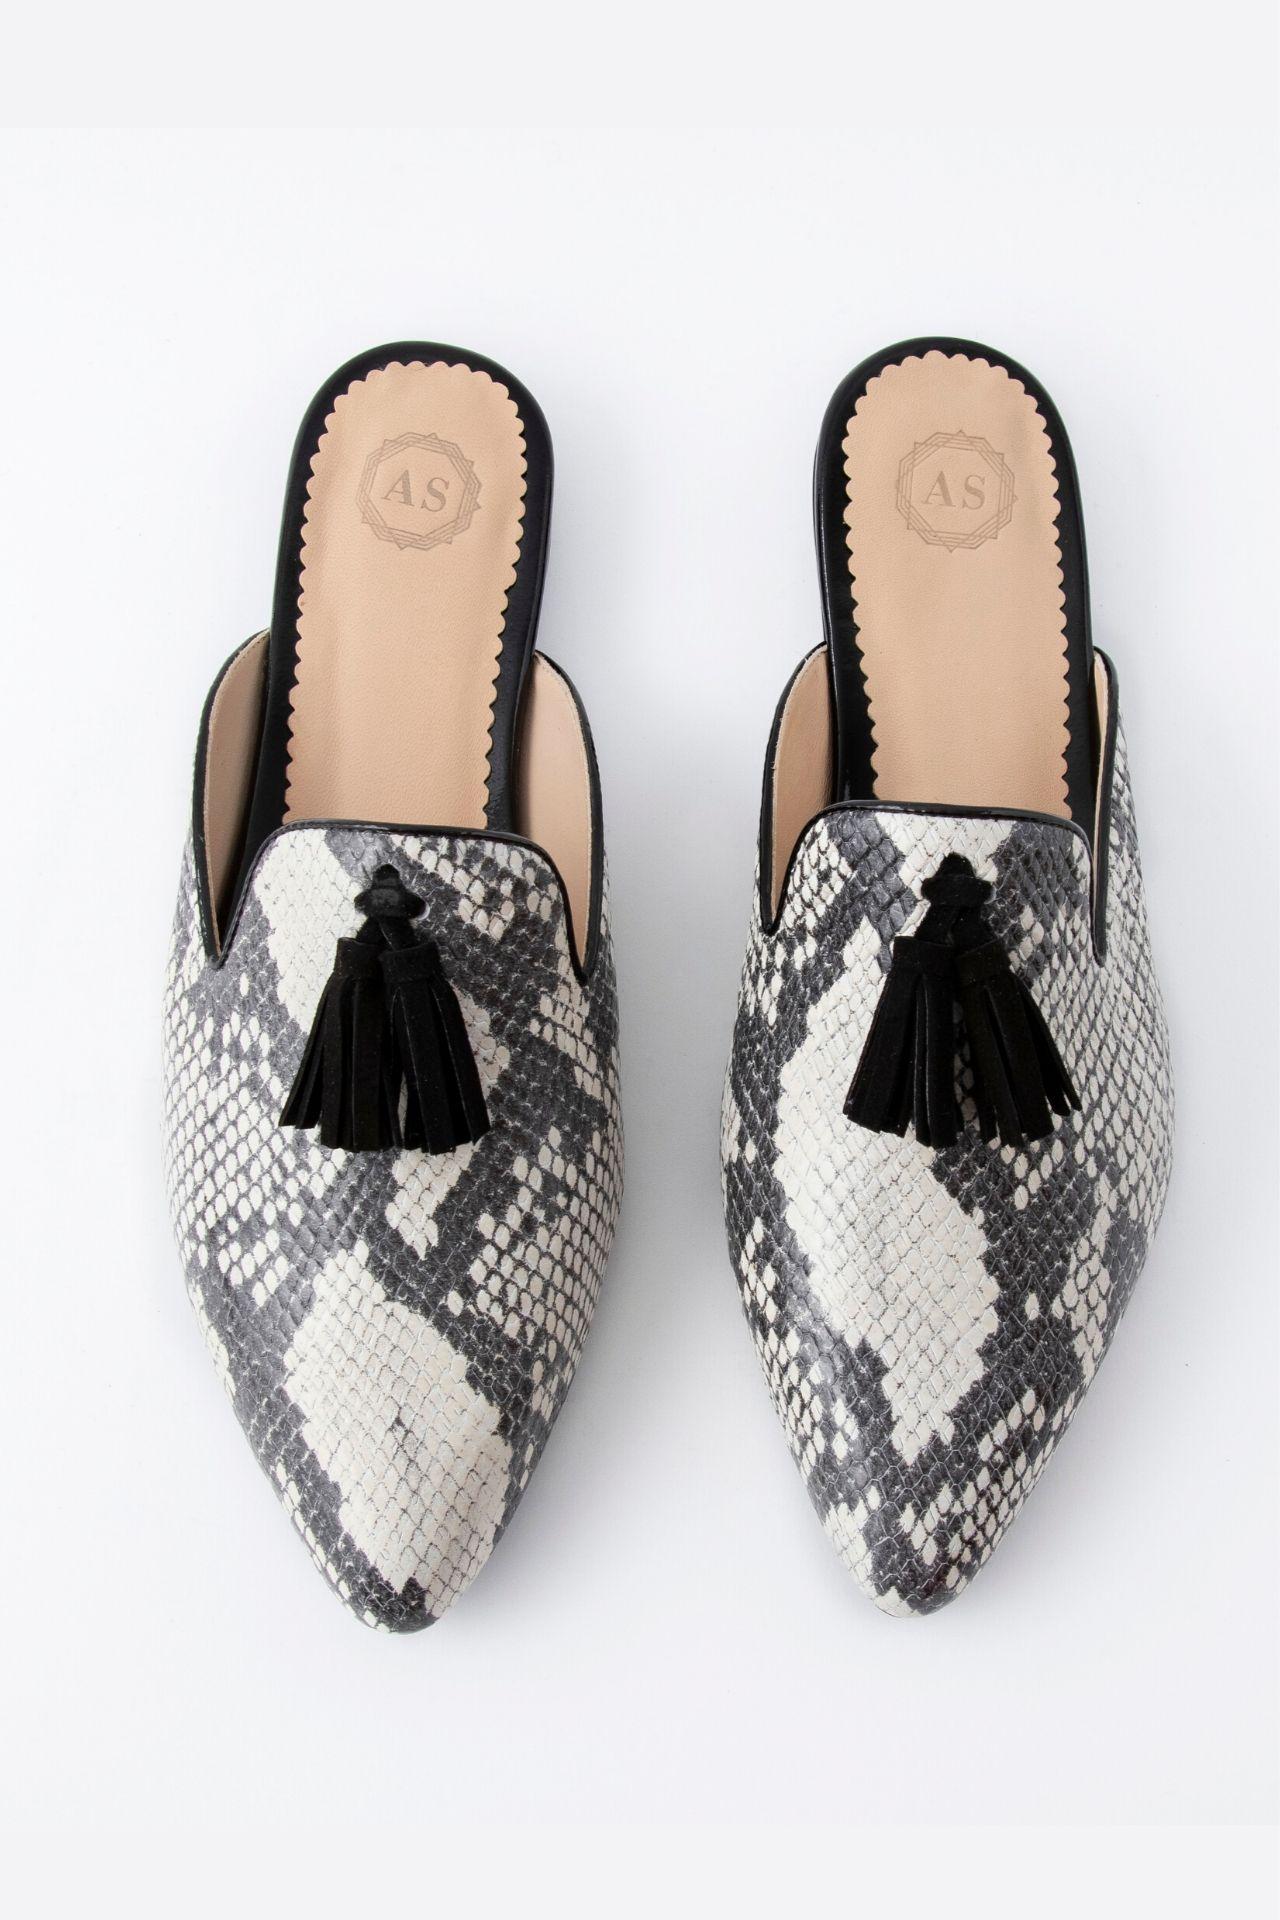 Zapatos 100% manufacturados a mano con cuero noble  Medidas:  35: 24 cm  36: 24.5 cm  37: 25 cm  38: 26 cm  39: 26.5 cm  40: 27 cm  La horma es exacta, en esta marca serías la misma talla que usas normalmente.